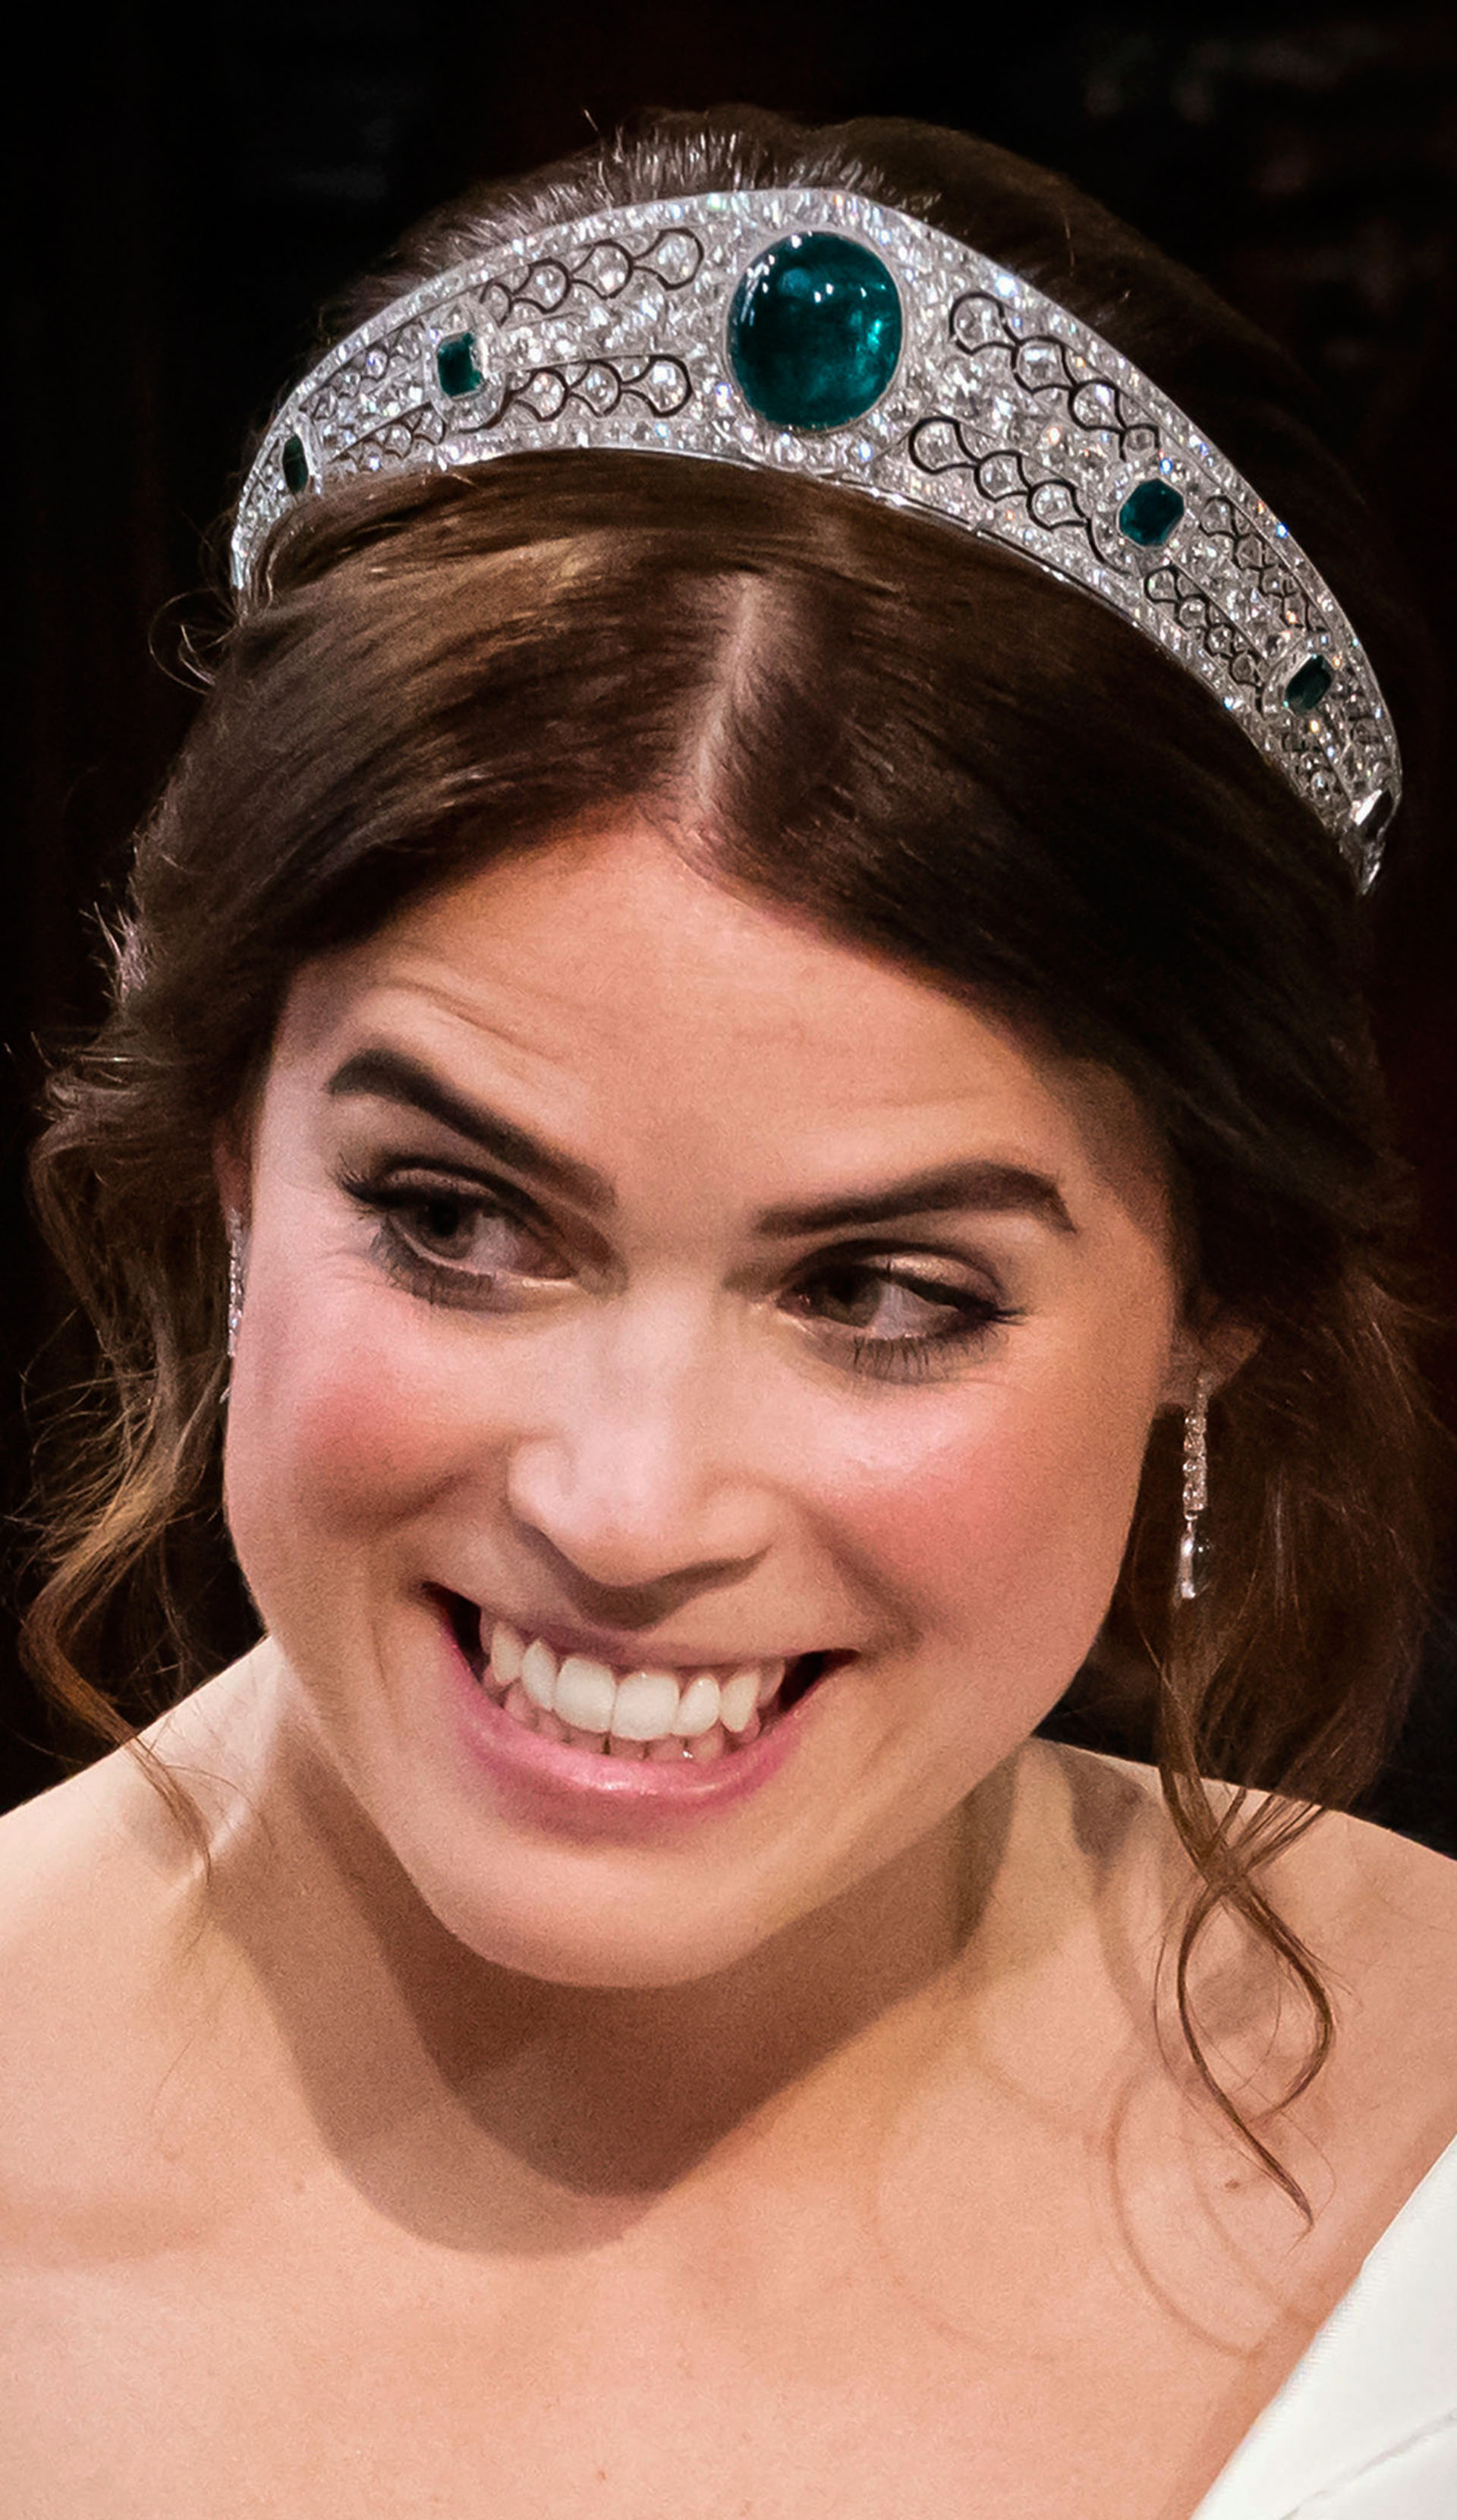 La novia llevó una tiara kokoshnik de diamantes y esmeraldas encargada por la socialité Margaret Greville